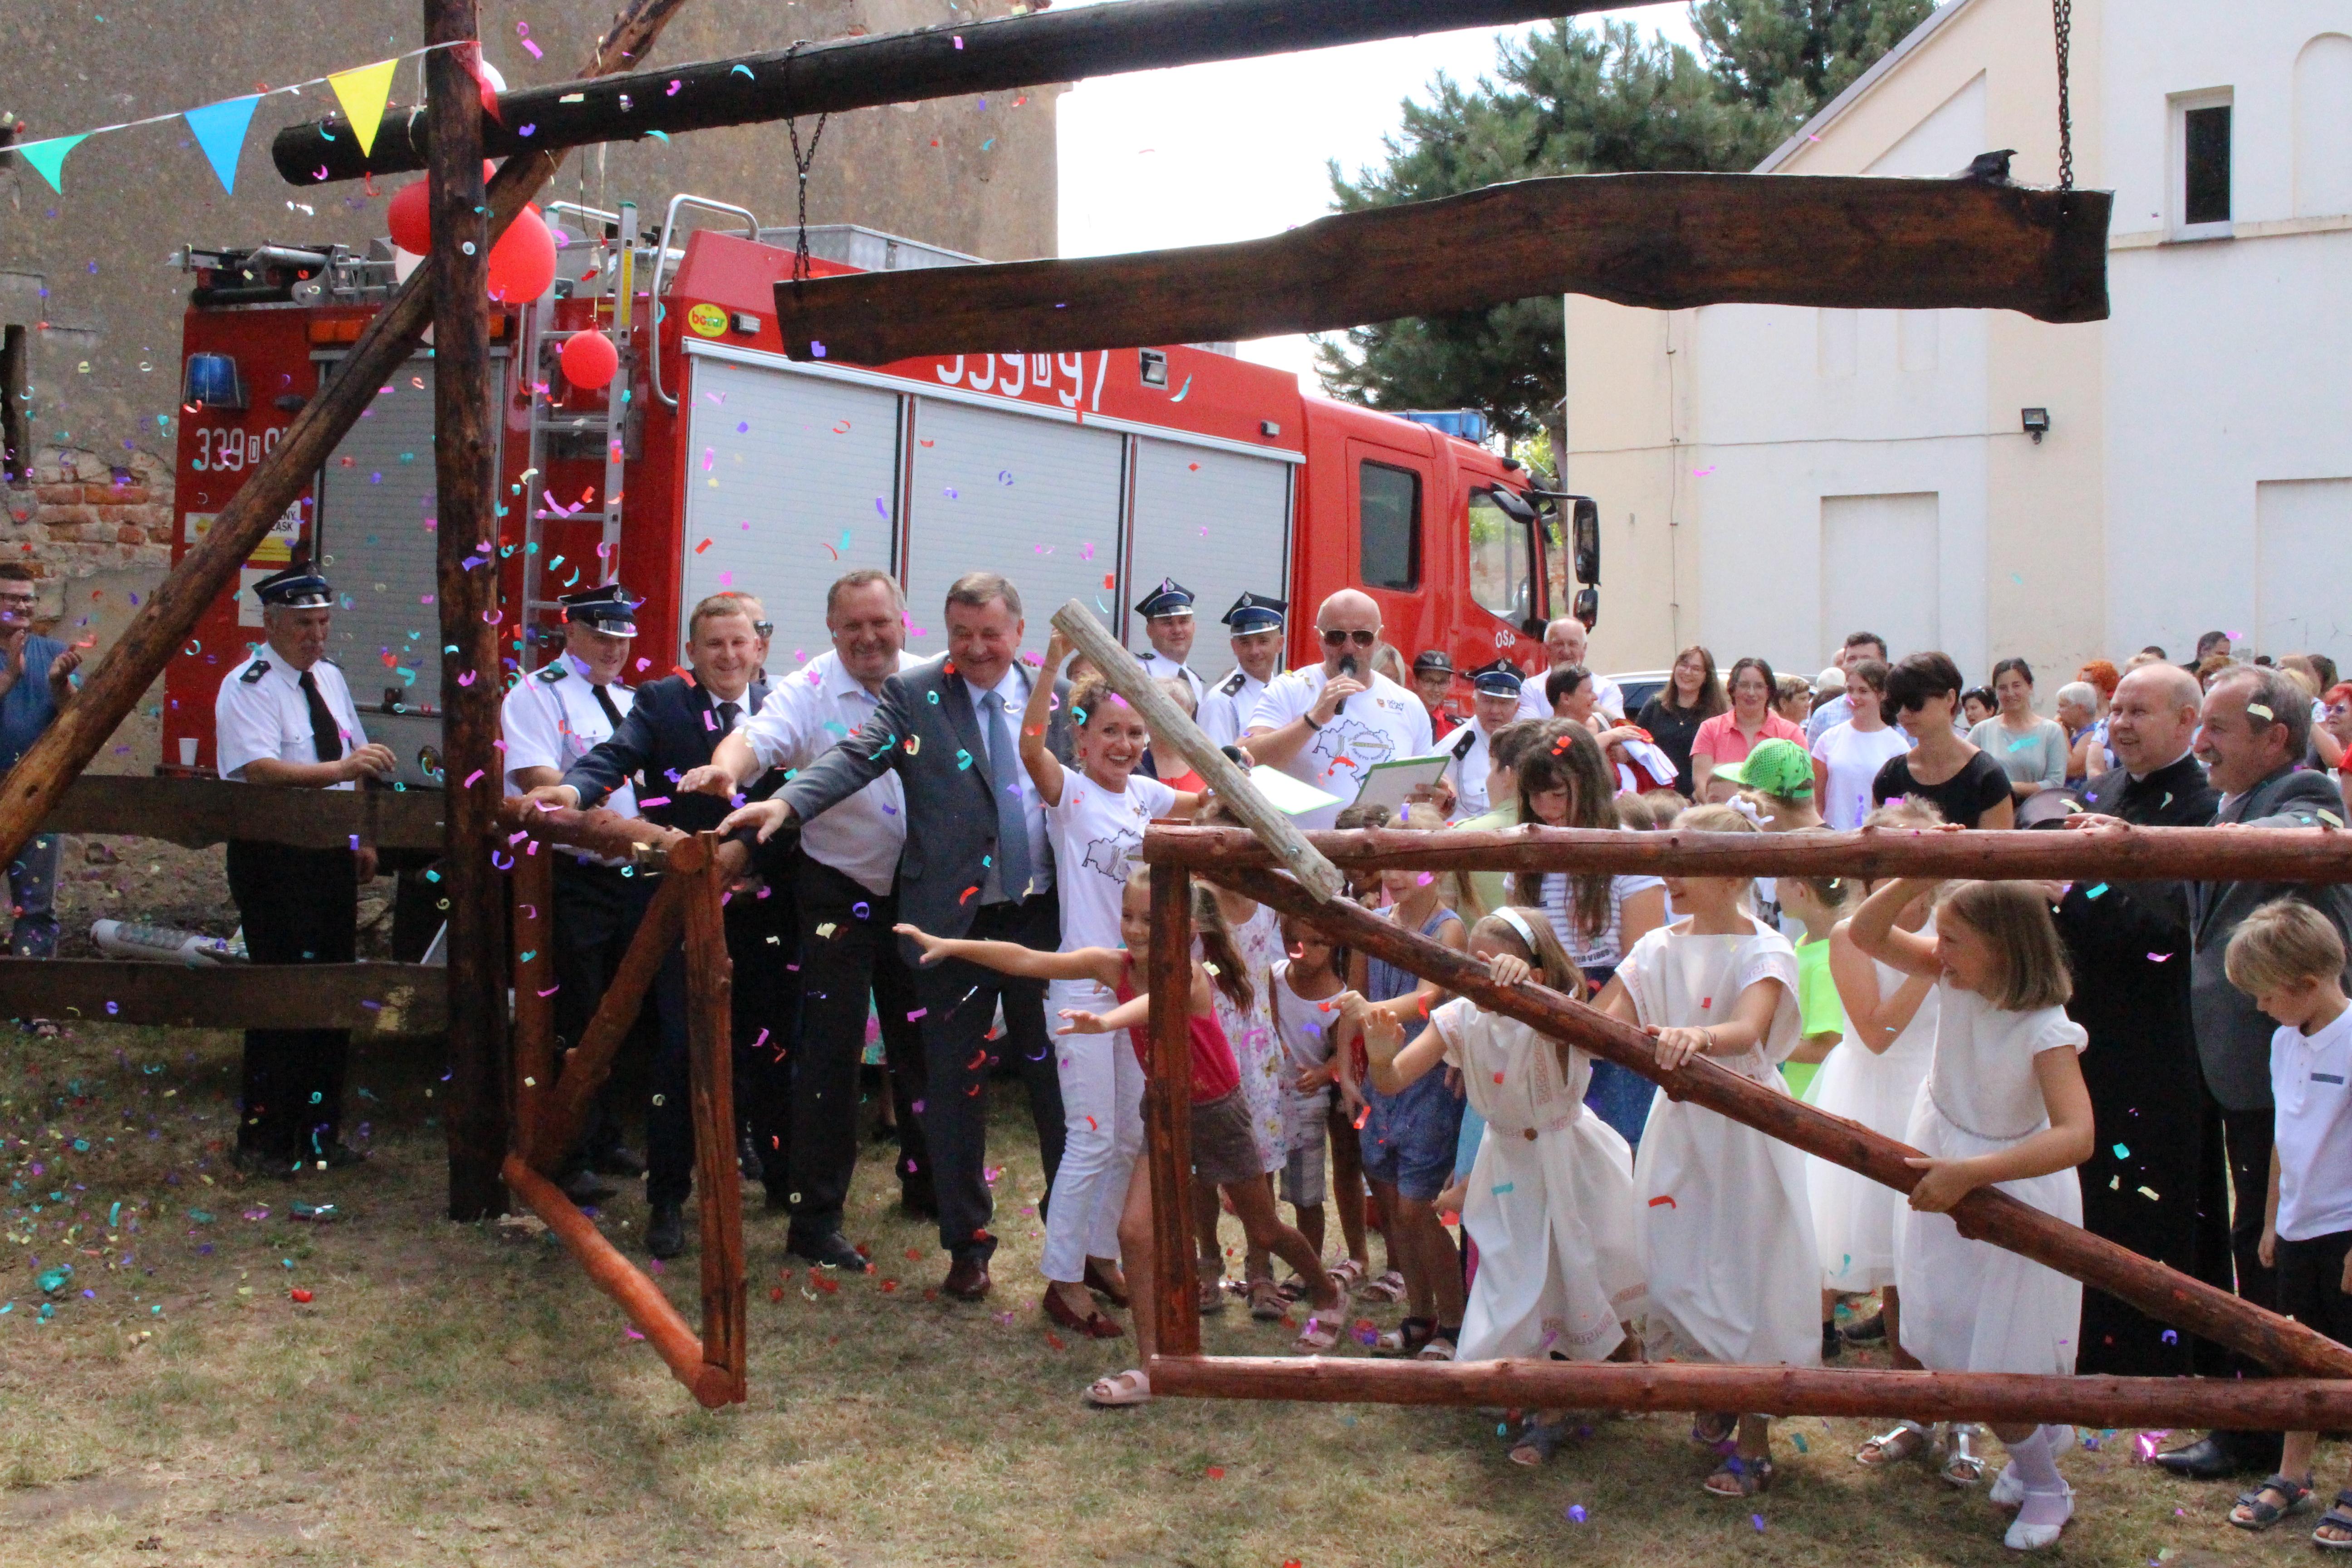 Klasa TE 2008 - 2012 - Technikum O 4-Letnim Okresie - Nk